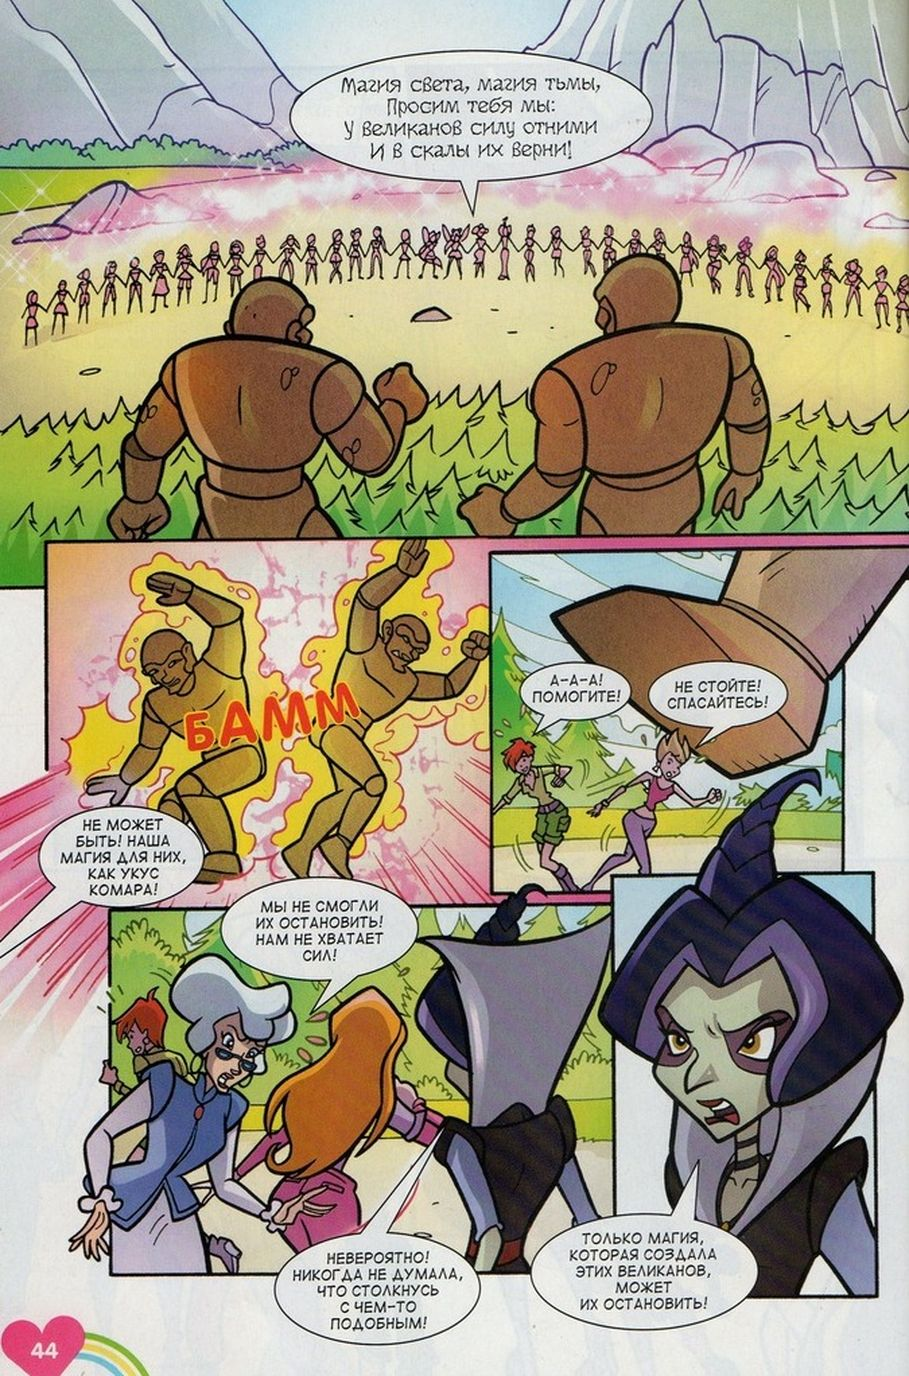 Комикс Винкс Winx - Каменные великаны (Журнал Винкс №11 2011) - стр. 41